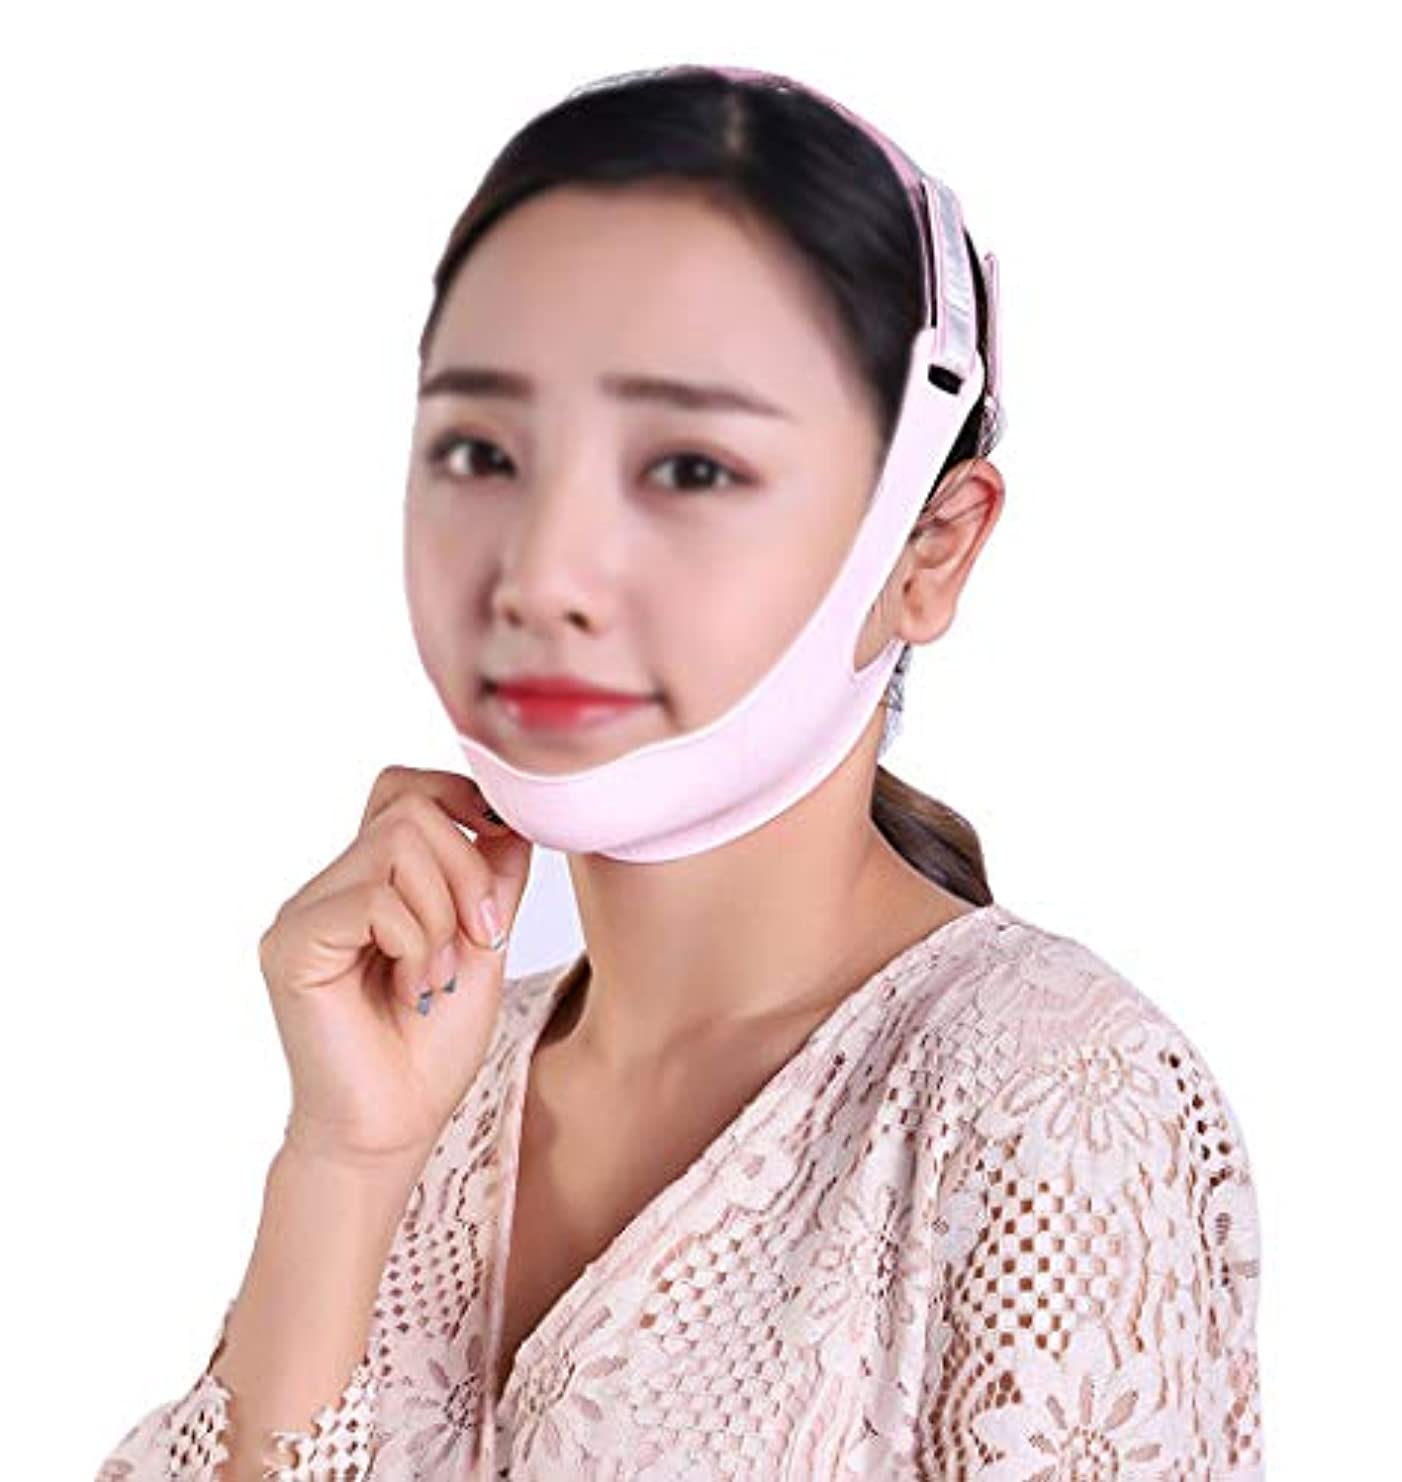 発見神秘扱うフェイスリフトマスク、シリコンVフェイスマスクの引き締め、リフティングフェイス、リラクゼーションフェイスとネックリフトのバンデージスモールVフェイスアーチファクト防止 (Size : L)